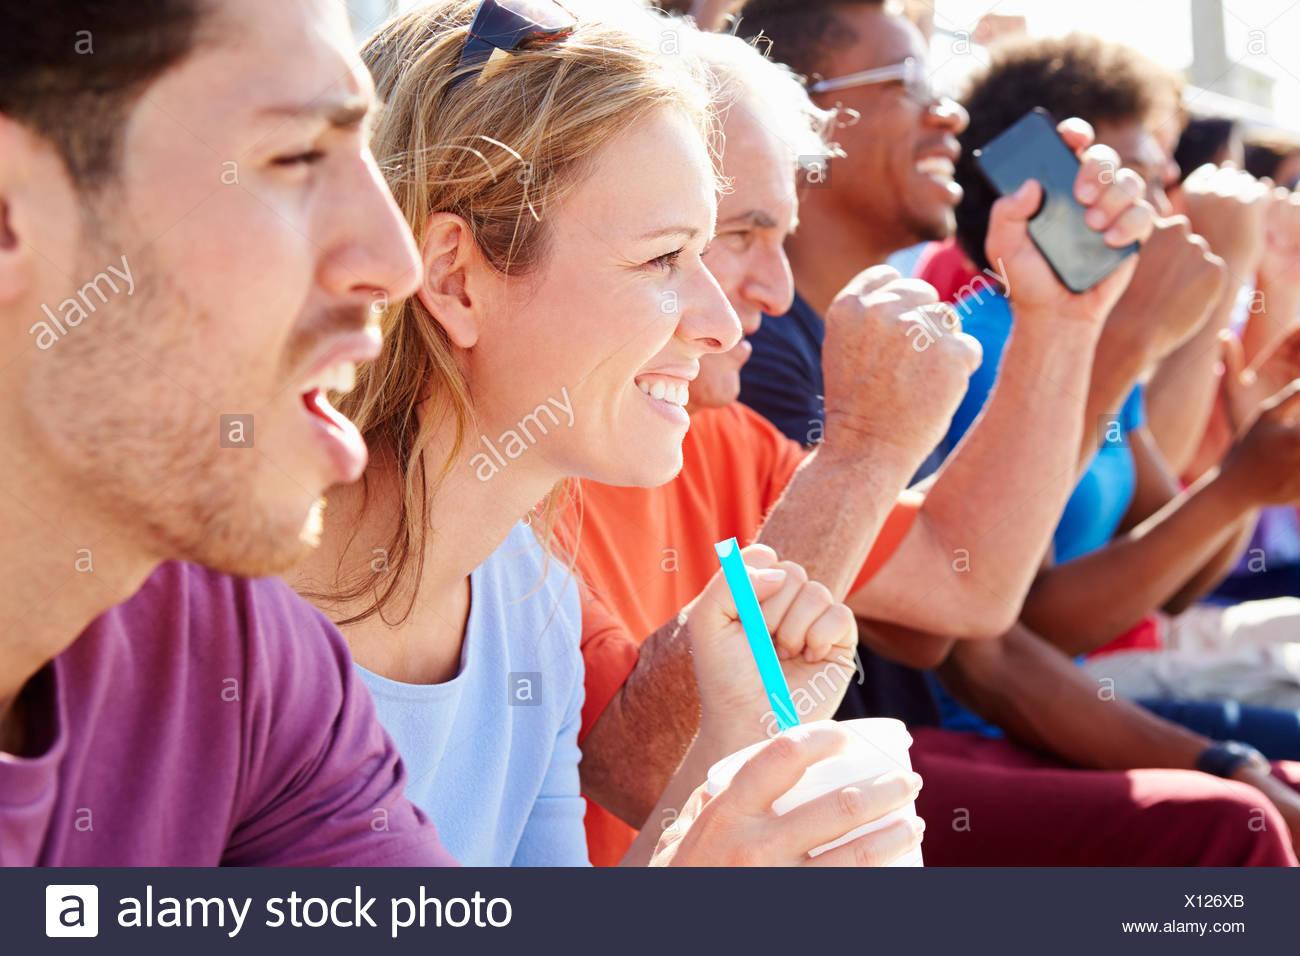 Audiencia vitoreando en un concierto al aire libre Imagen De Stock